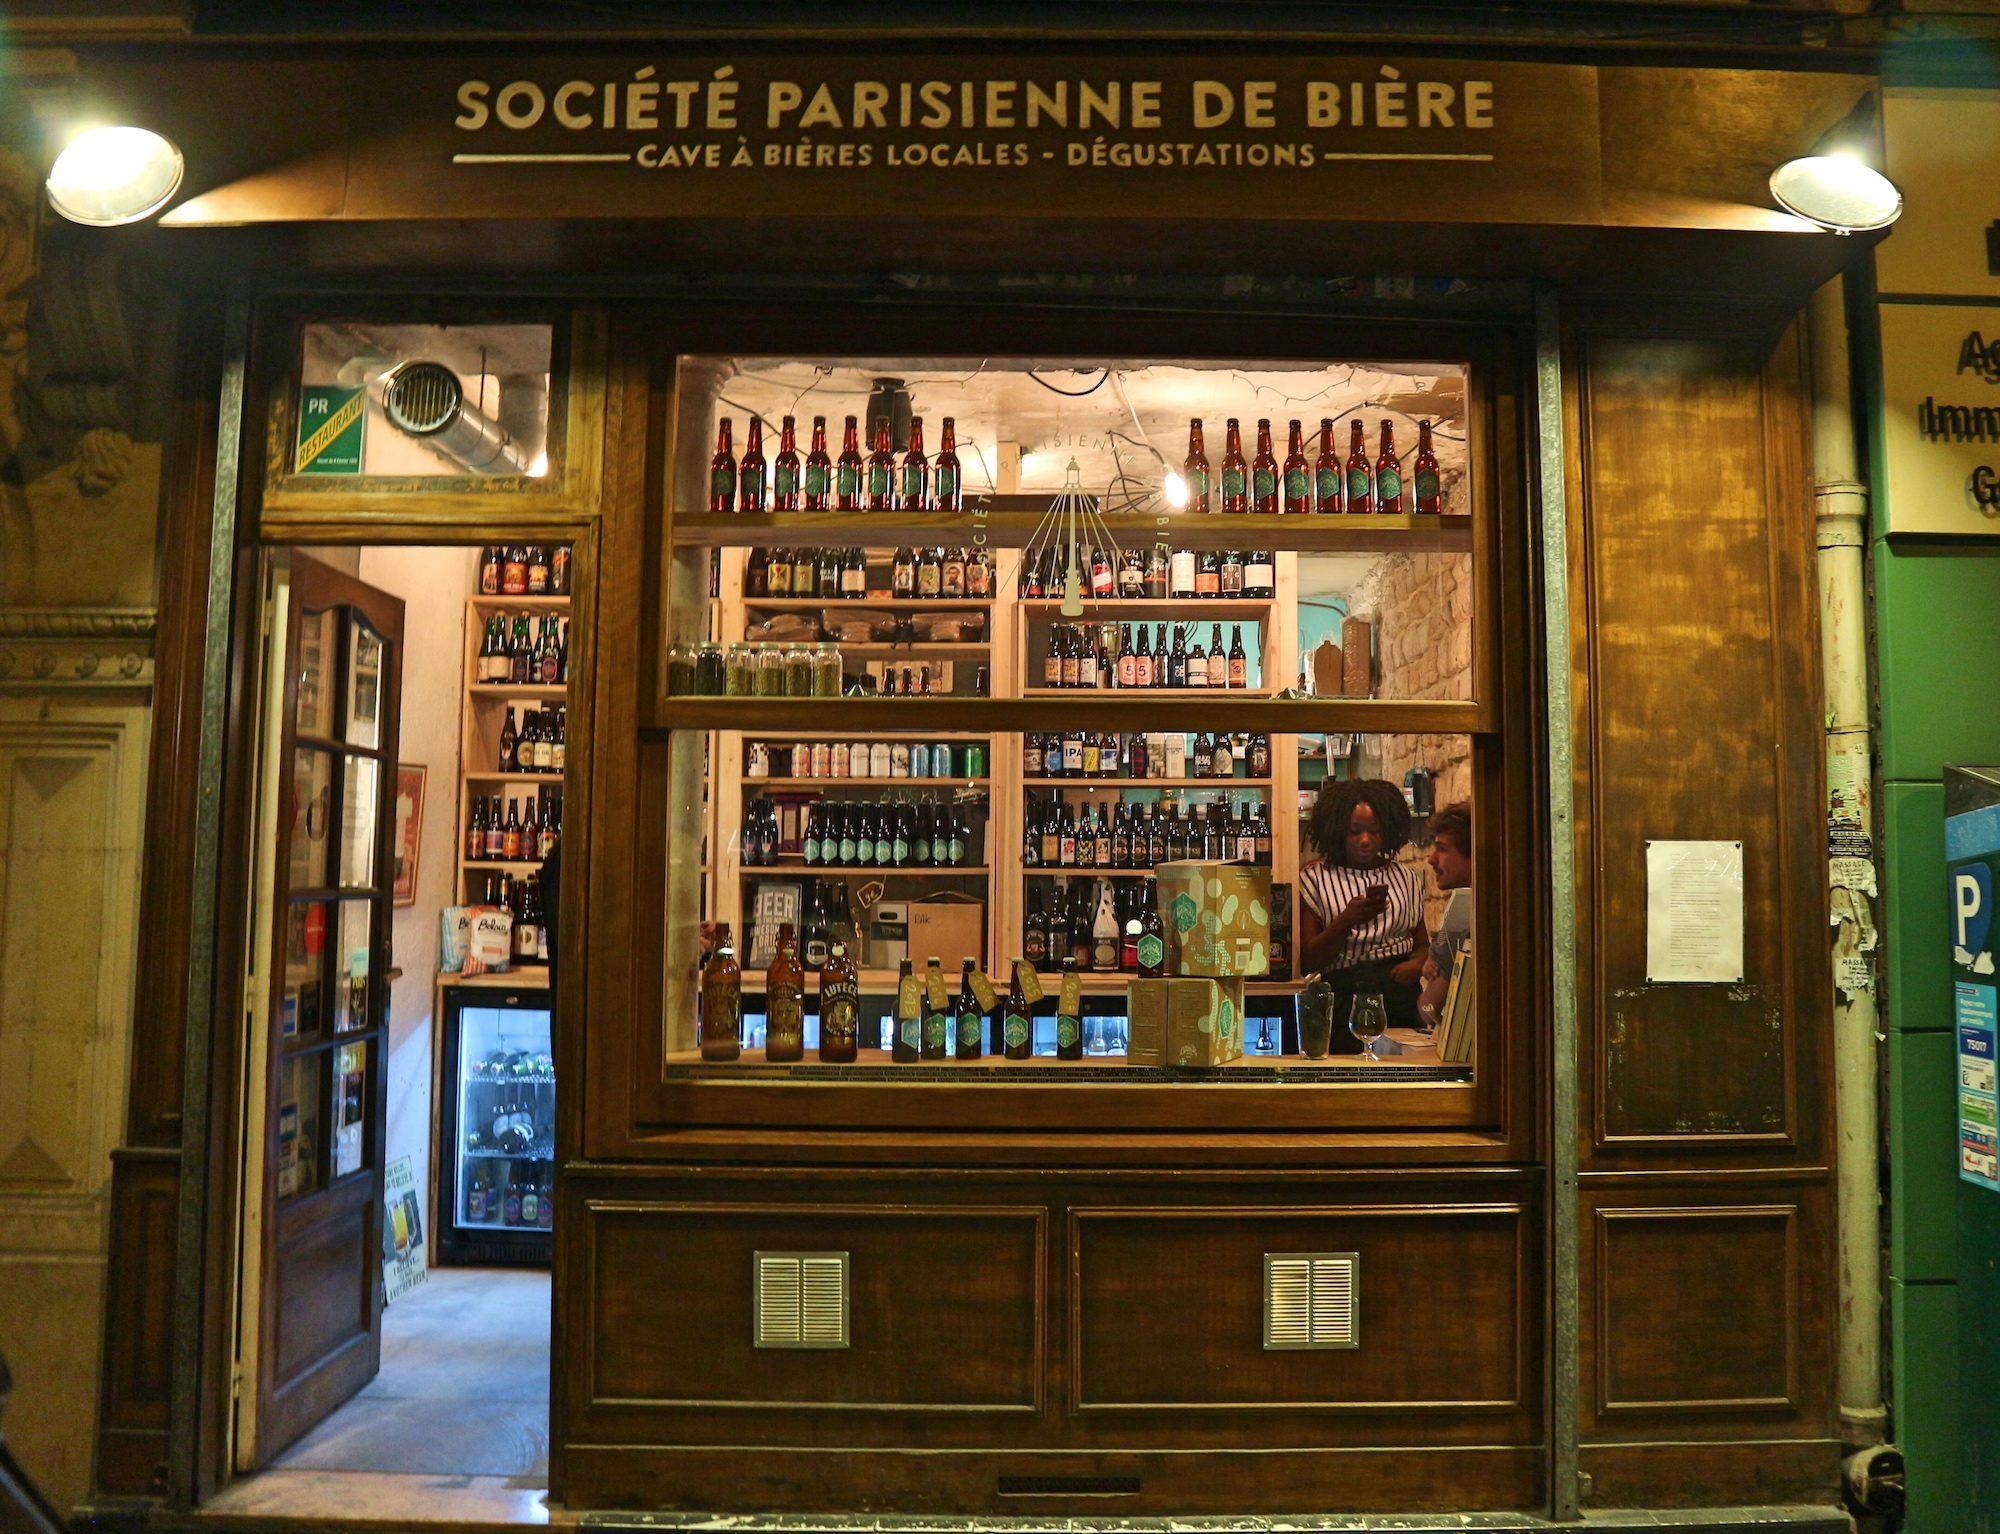 Craft beer shop in Paris, La Société Parisienne de Bière in the Batignolles neighborhood with its artisanal wooden facade.